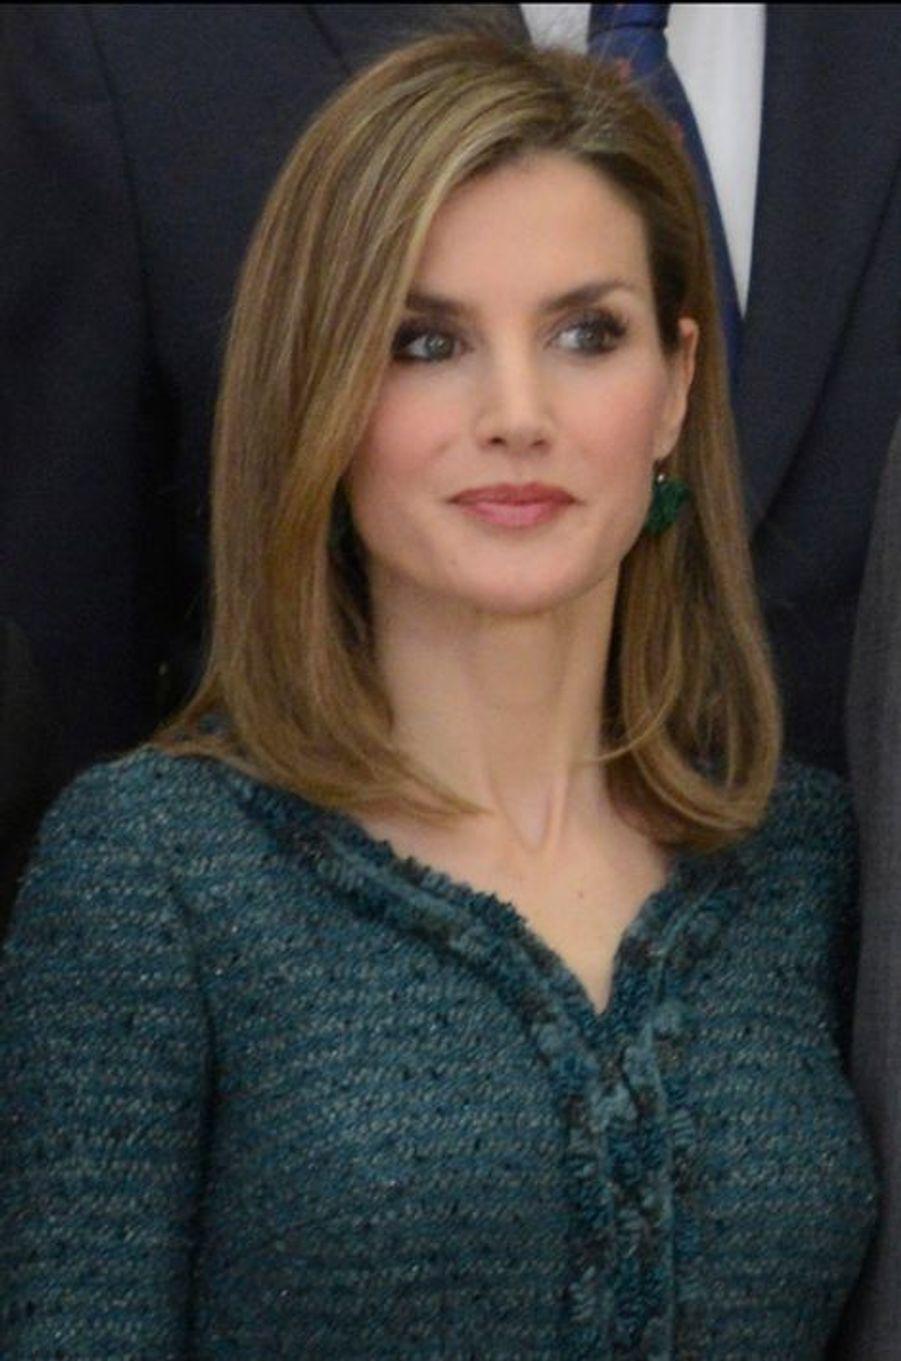 La reine Letizia d'Espagne à Madrid, le 4 décembre 2014